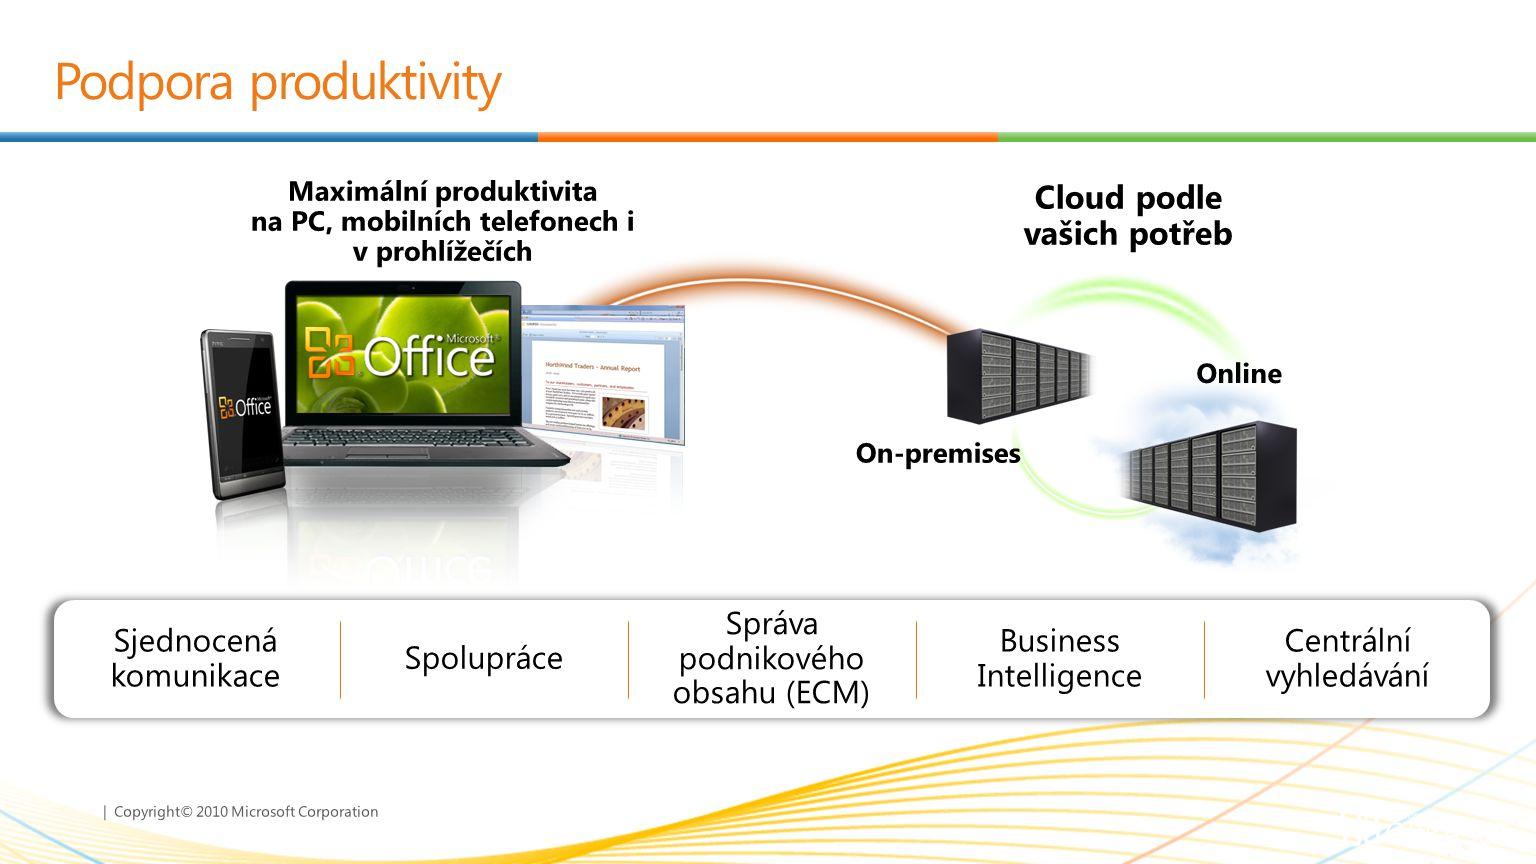 Podpora produktivity Cloud podle vašich potřeb